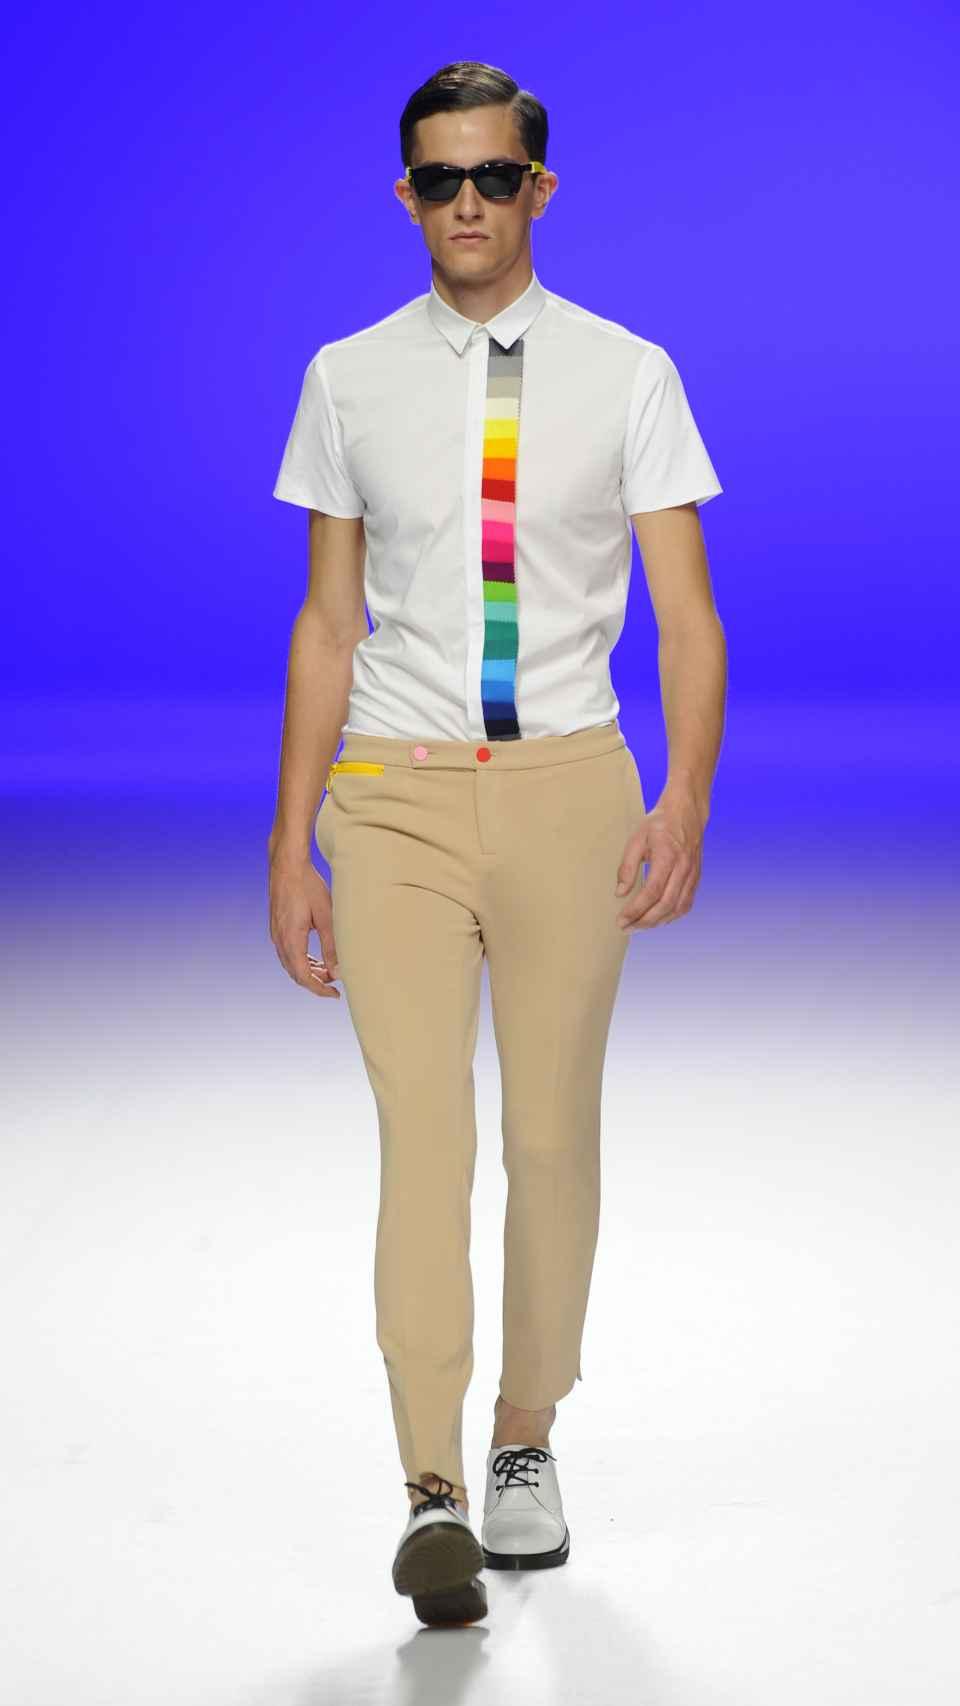 David Delfín entendía la moda como parte de la cultura.